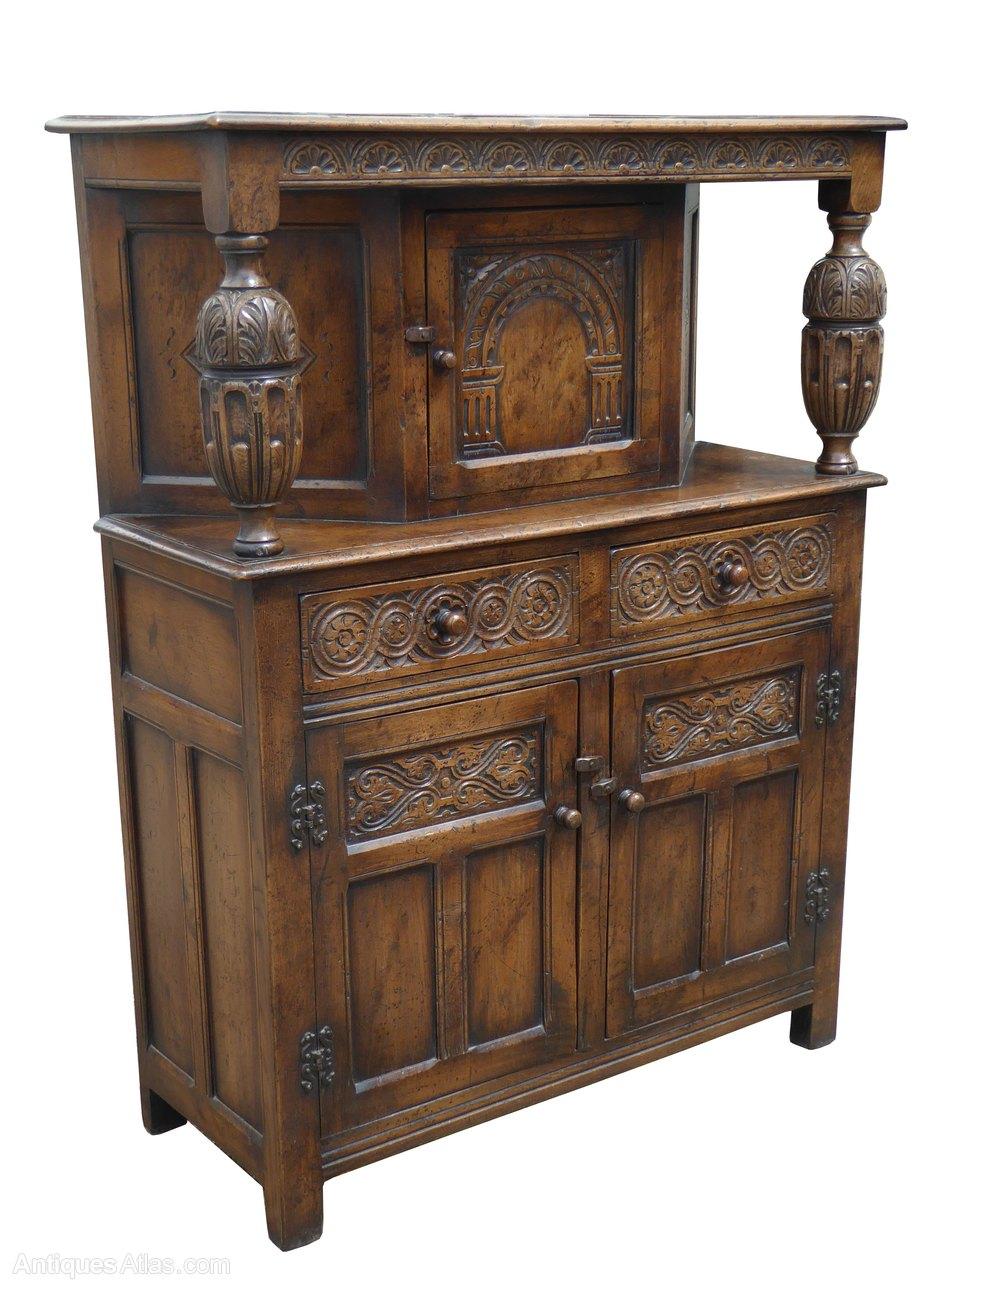 Solid Oak Court Cupboard by Titchmarsh & Goodwin ... - Antiques Atlas - Solid Oak Court Cupboard By Titchmarsh & Goodwin